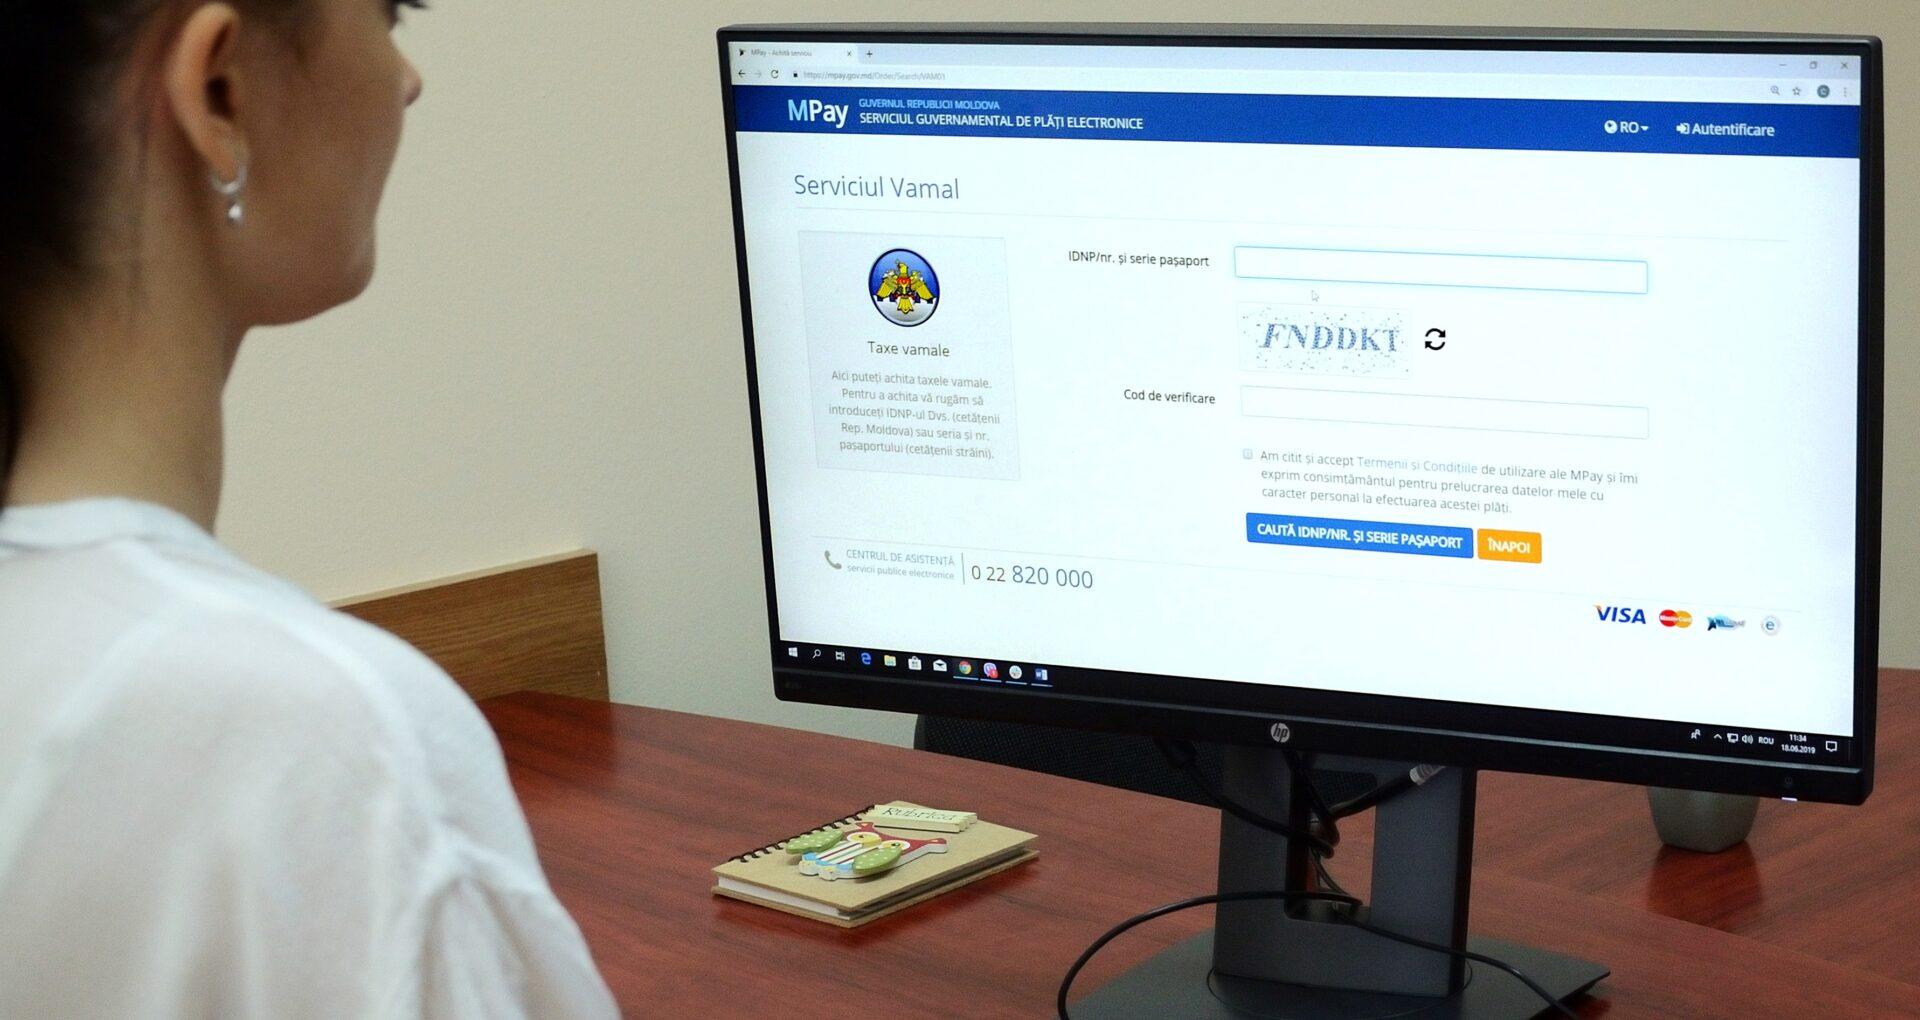 Serviciul guvernamental de plăți electronice MPay va fi dezvoltat într-un nou concept. Măsurile care urmează a fi realizate